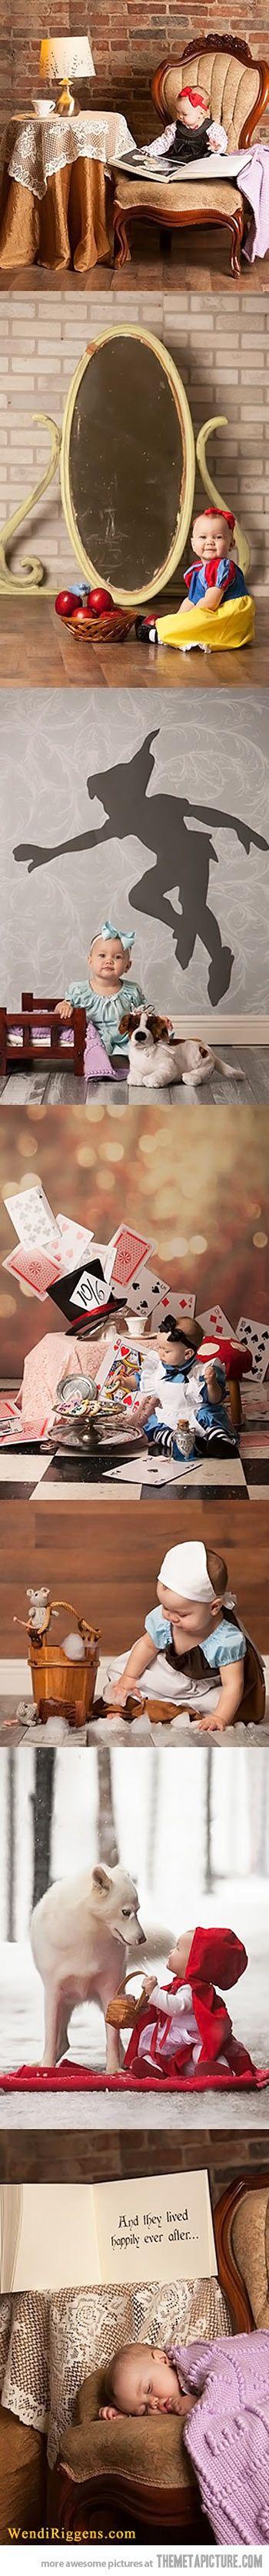 Fairytale baby. - SO adorable!